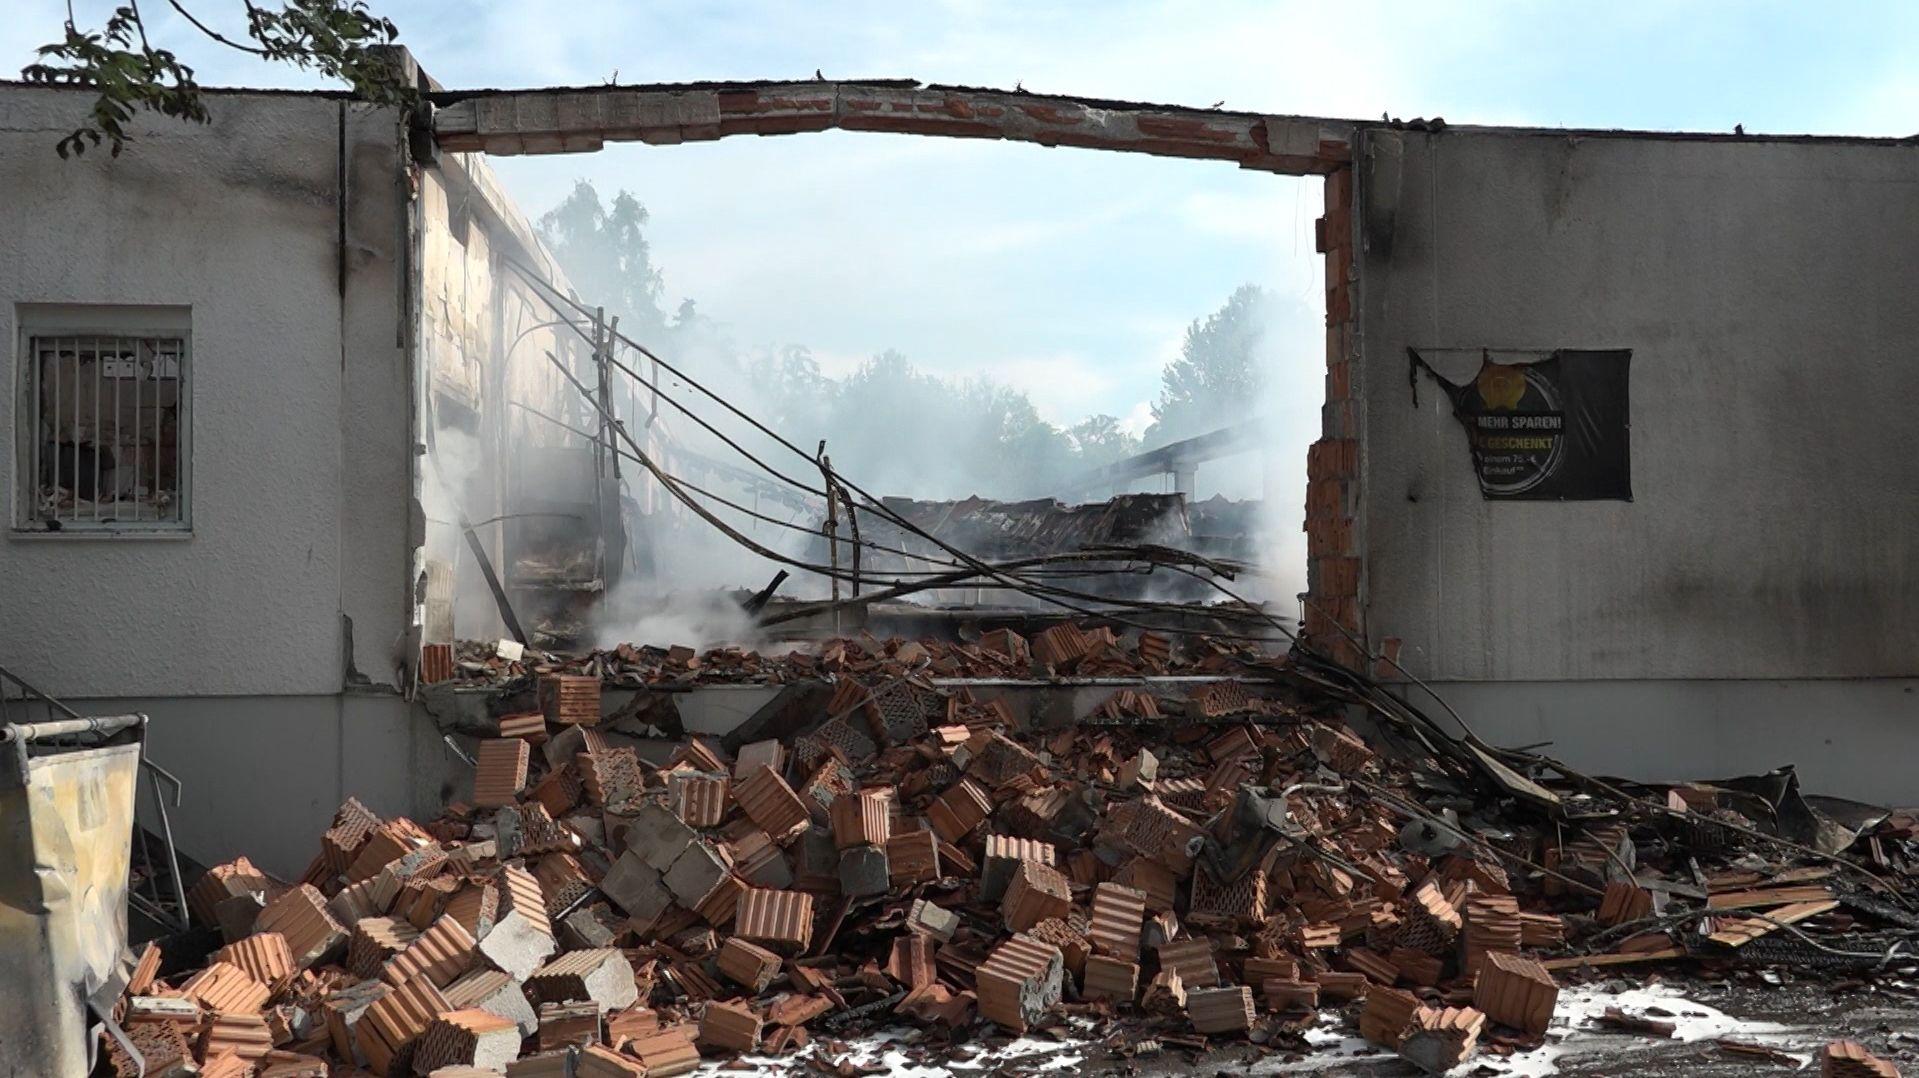 Überreste des Supermarktes von Höchstädt nach dem Brand